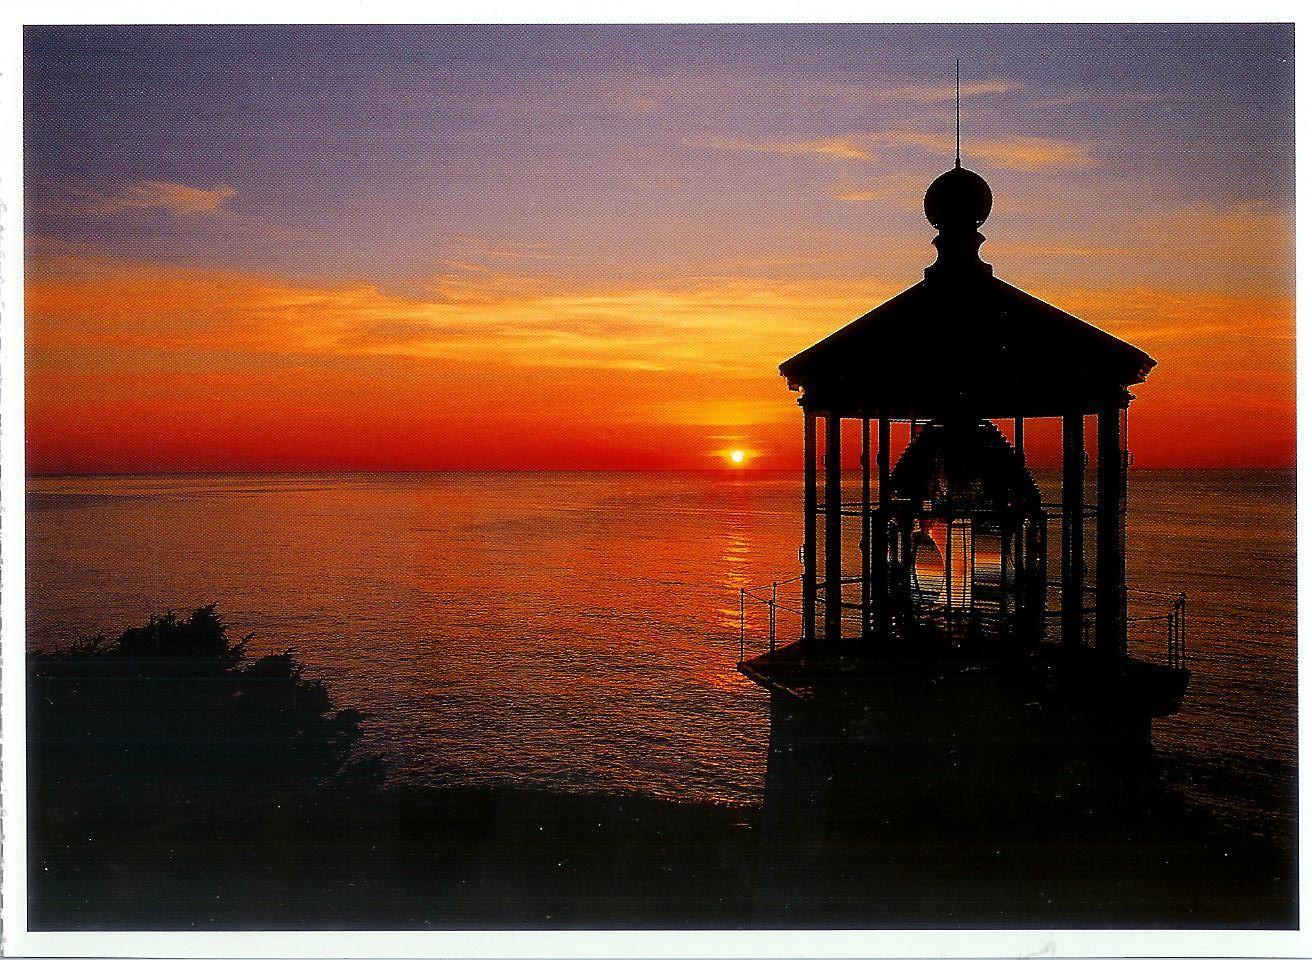 Cape Meares Lighthouse... coastal Oregon... wow